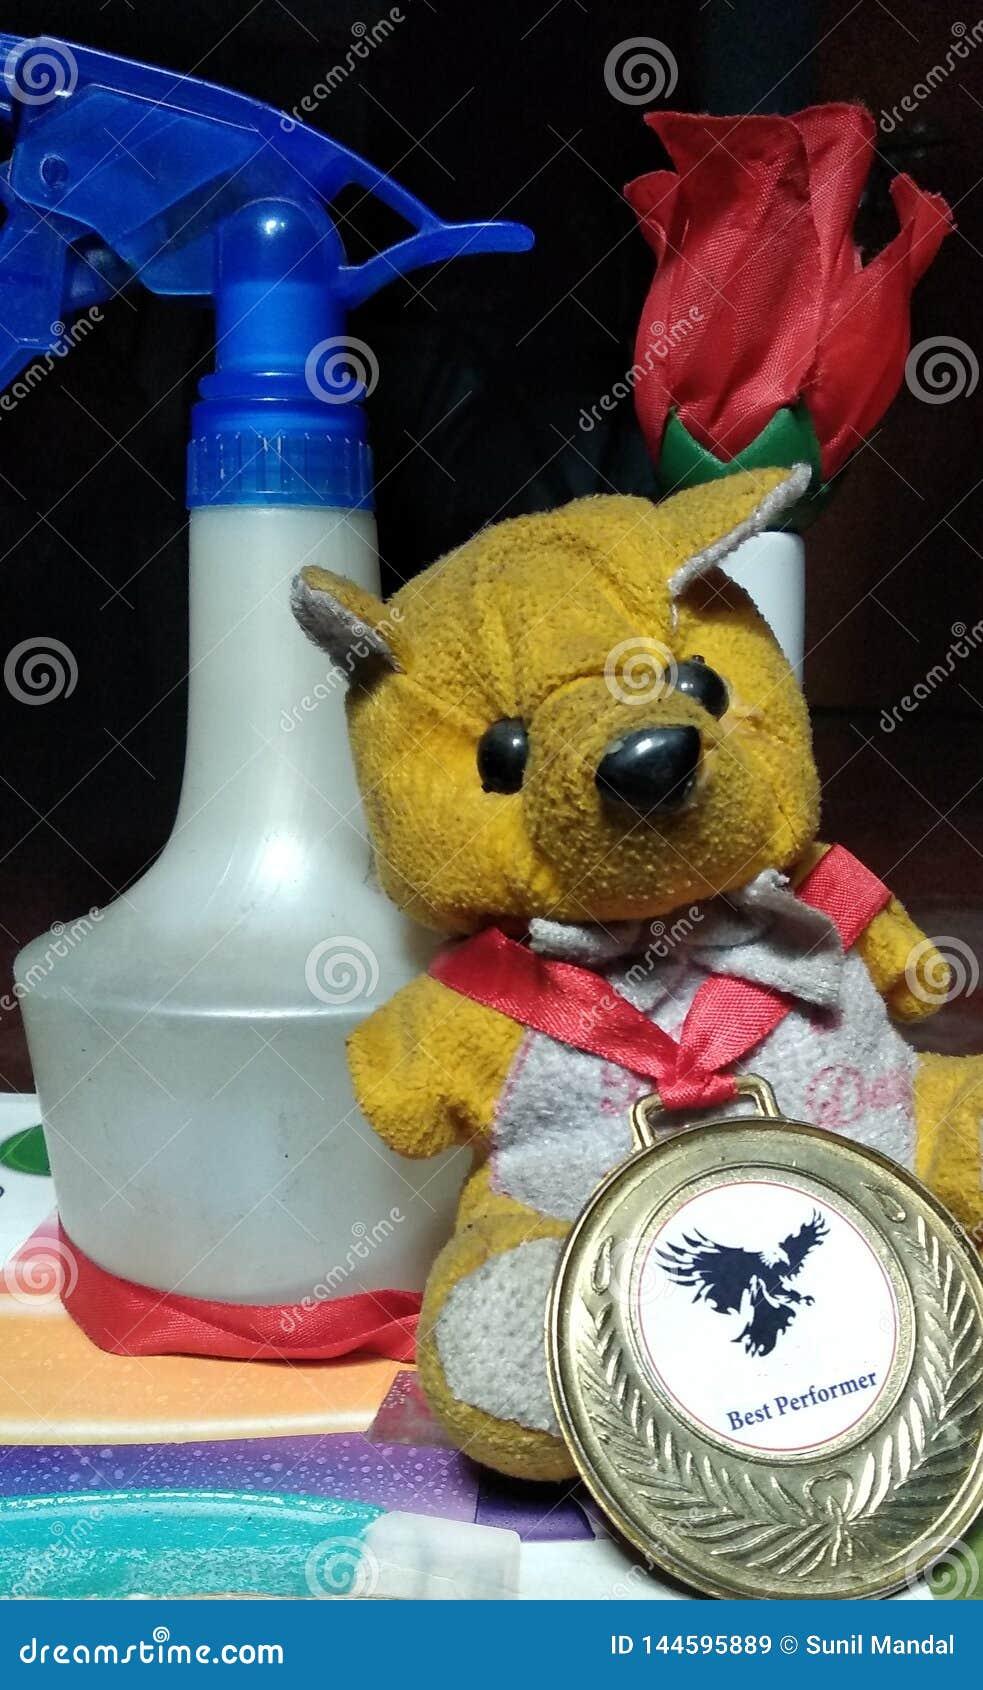 佩带奖牌的小的玩具熊与玫瑰和喷水瓶一起后边